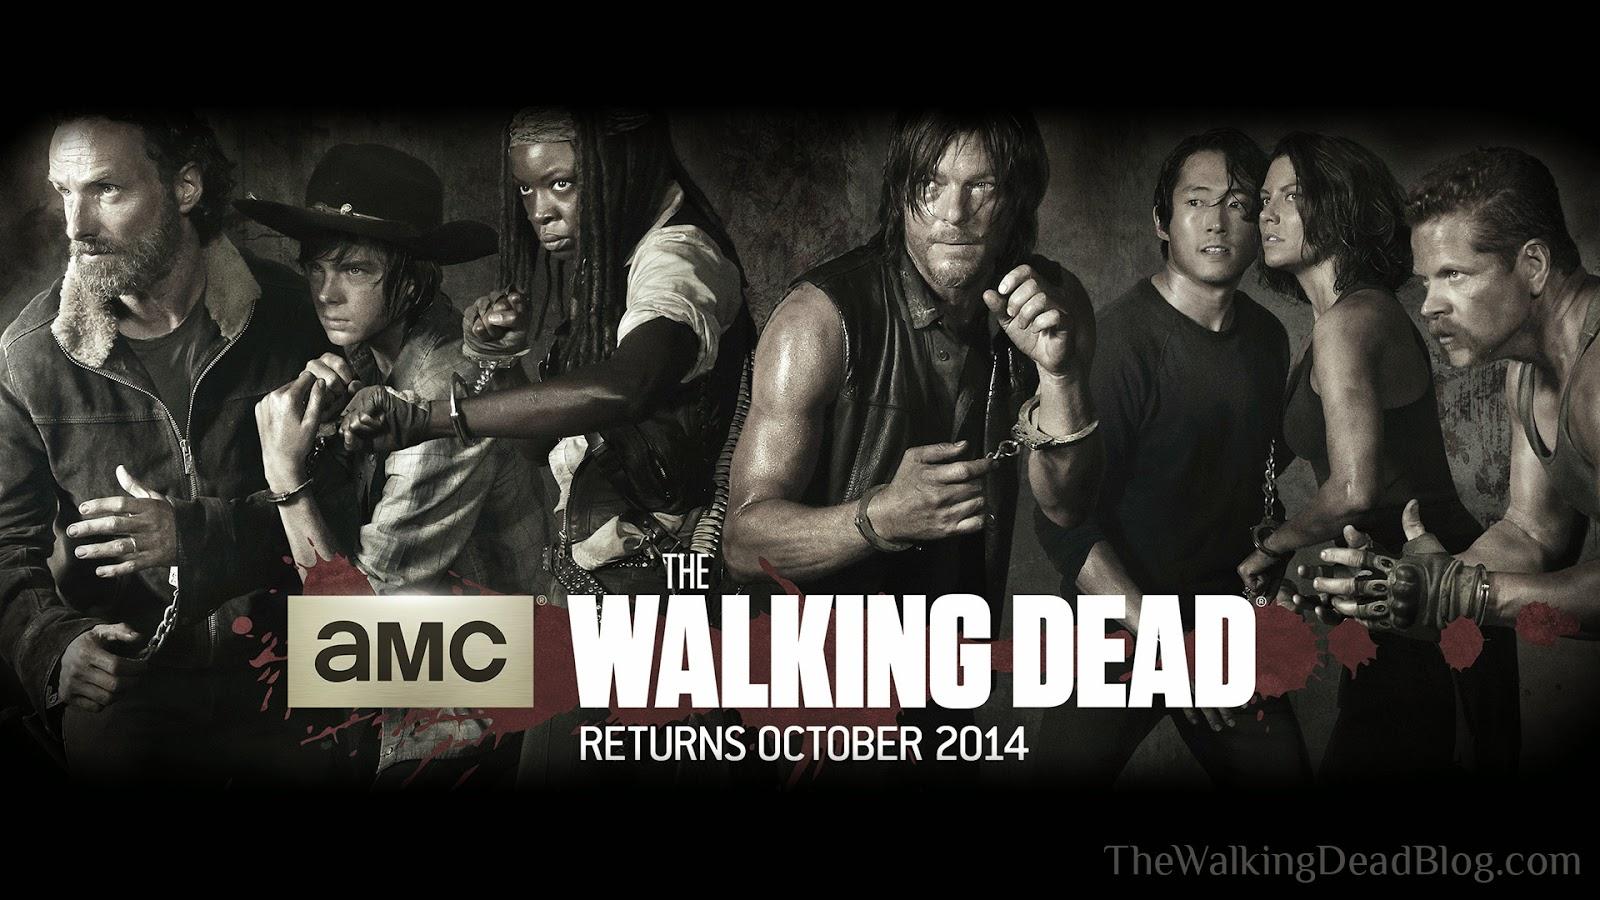 Free Download The Walking Dead Season 5 Wallpaper 1600x900 For